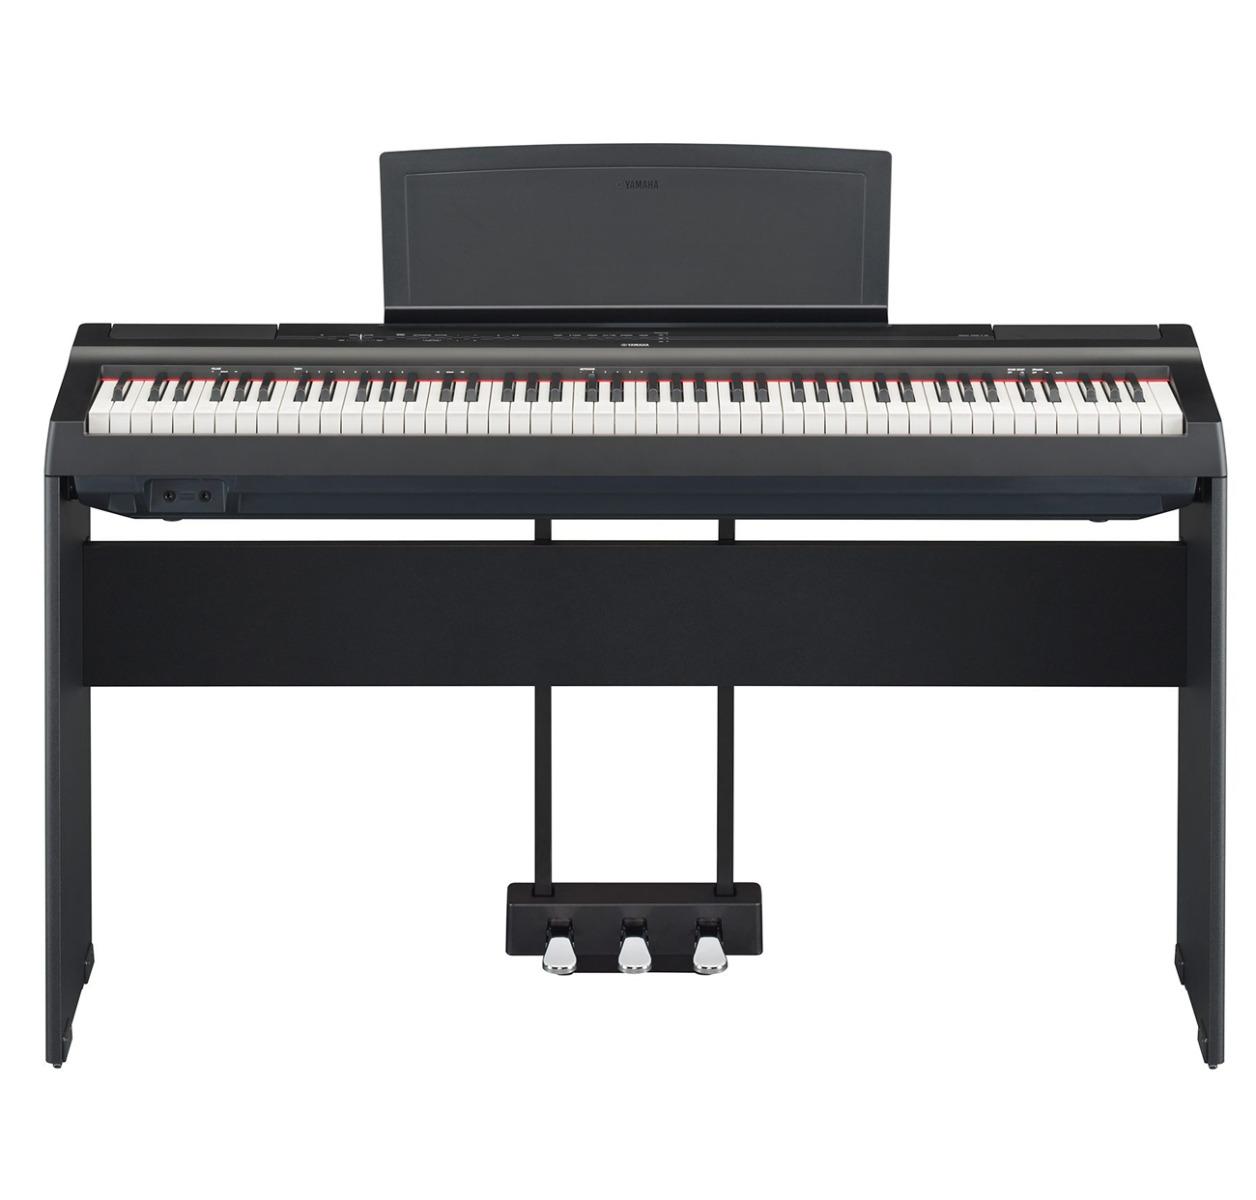 tilbud p yamaha ydp 143rarius el klaver palisander se. Black Bedroom Furniture Sets. Home Design Ideas